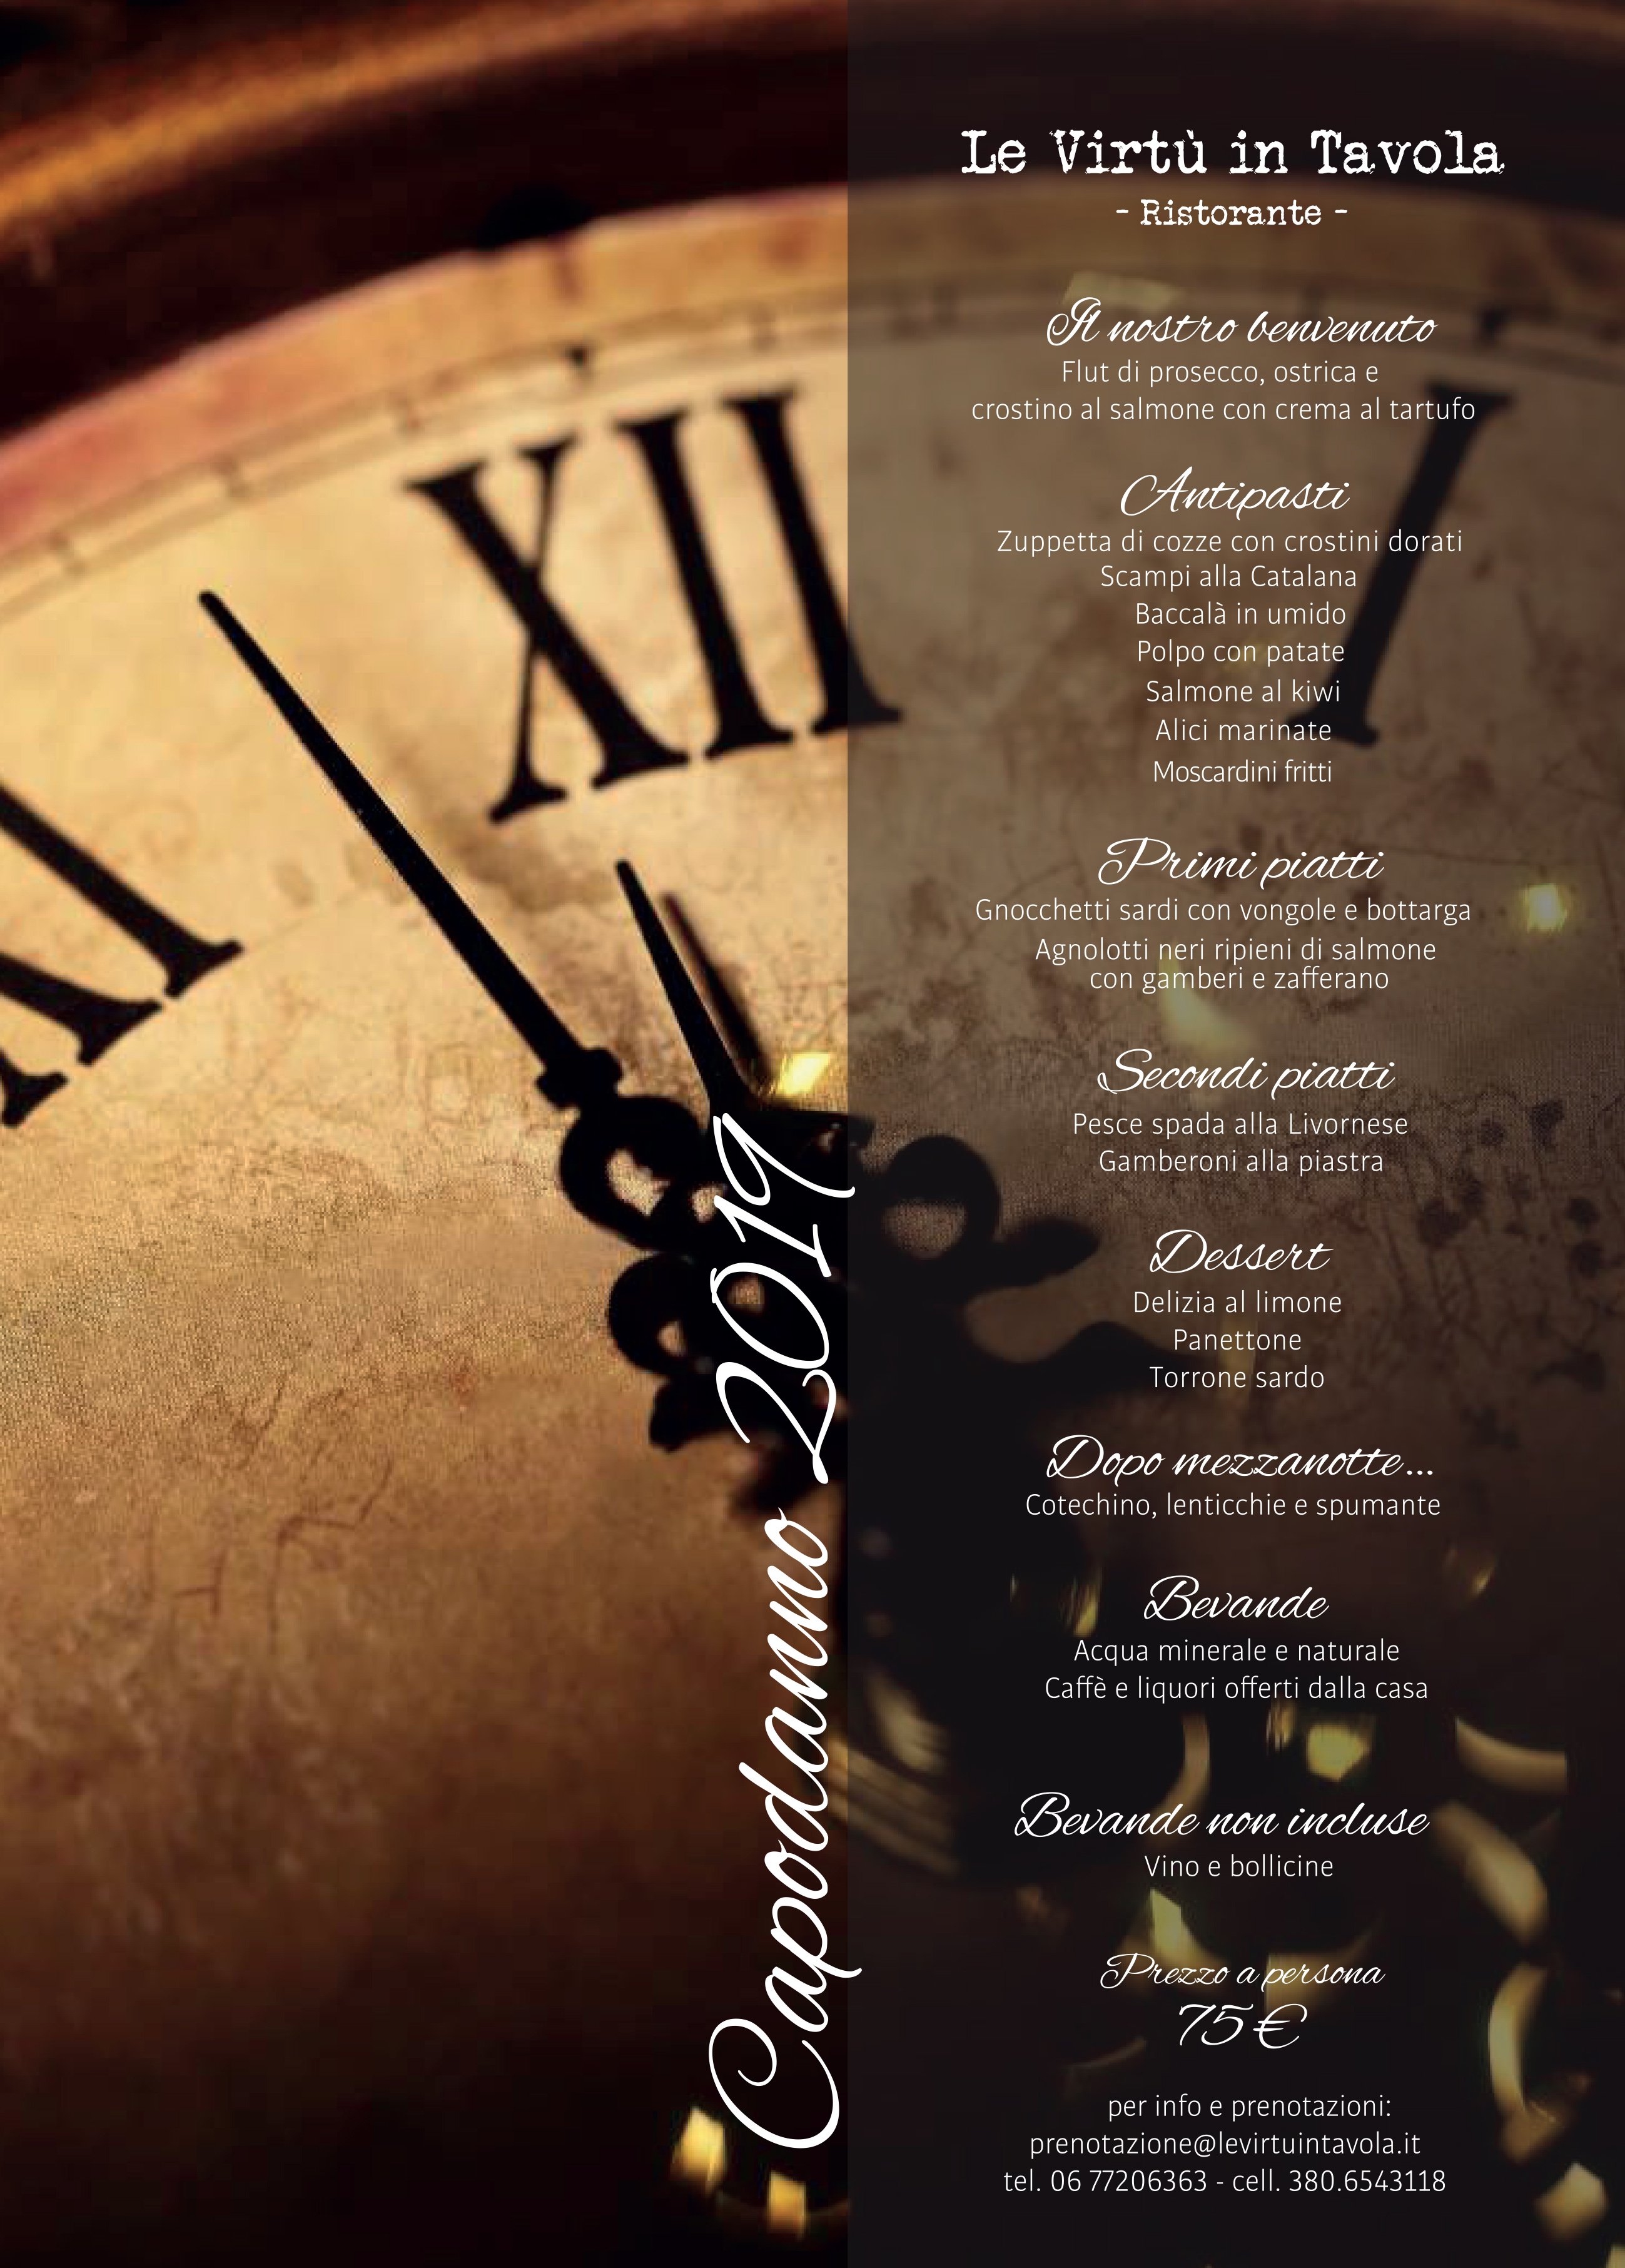 Gran cenone di capodanno 2019 le virtu in tavola - Le virtu in tavola ...